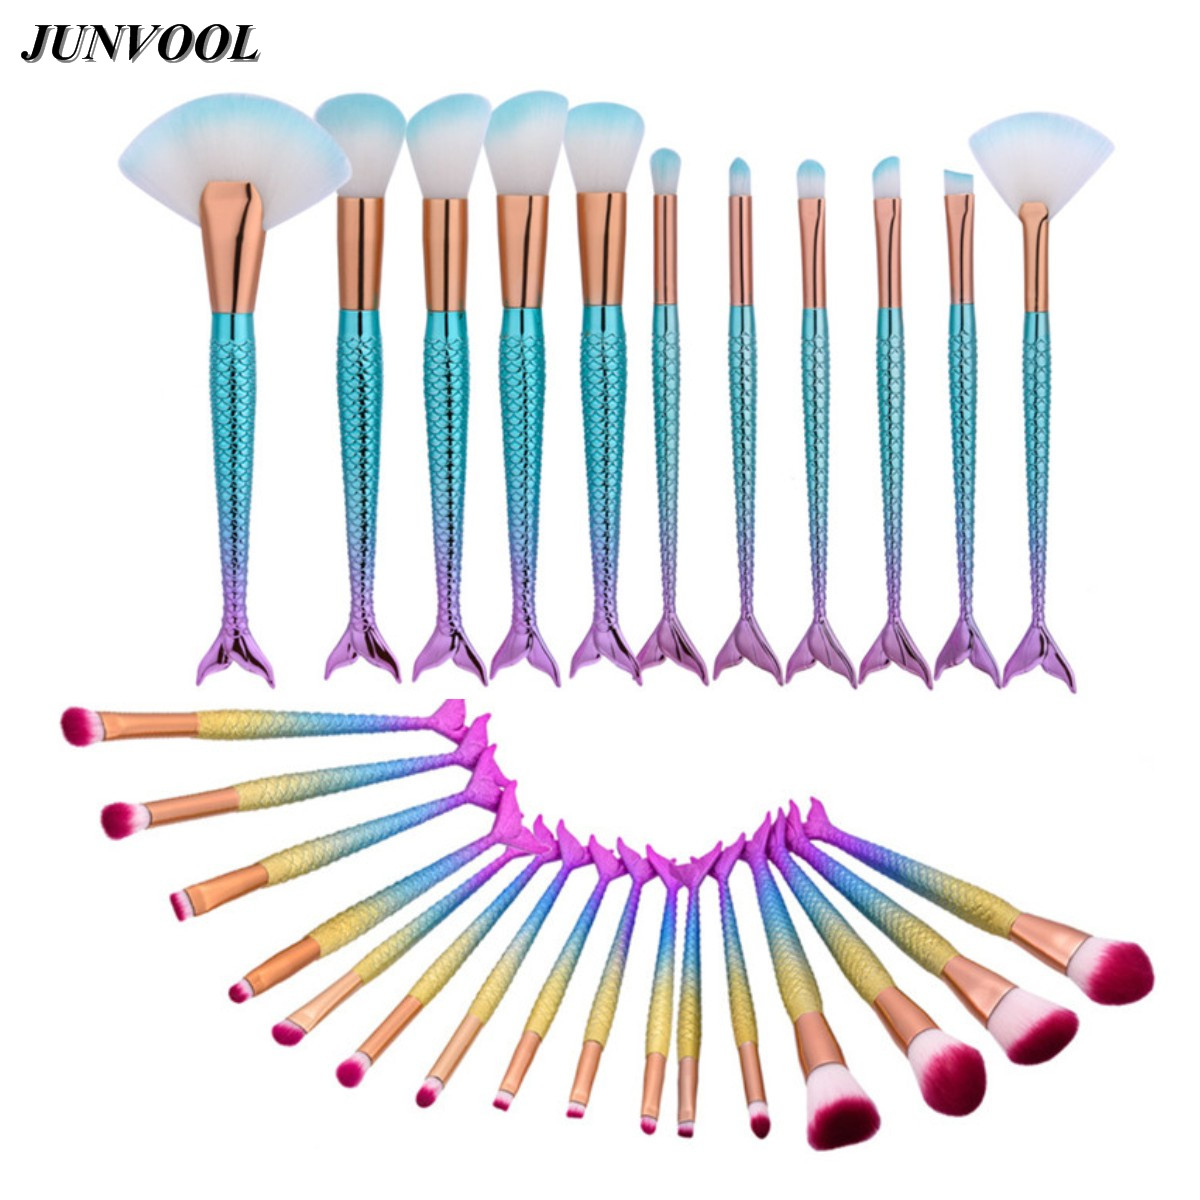 Newest Mermaid Makeup Brushes Set Fantasy Eyebrow Eyeliner Blush Blending Contour Foundation Cosmetic Beauty Make Up Fish Brush